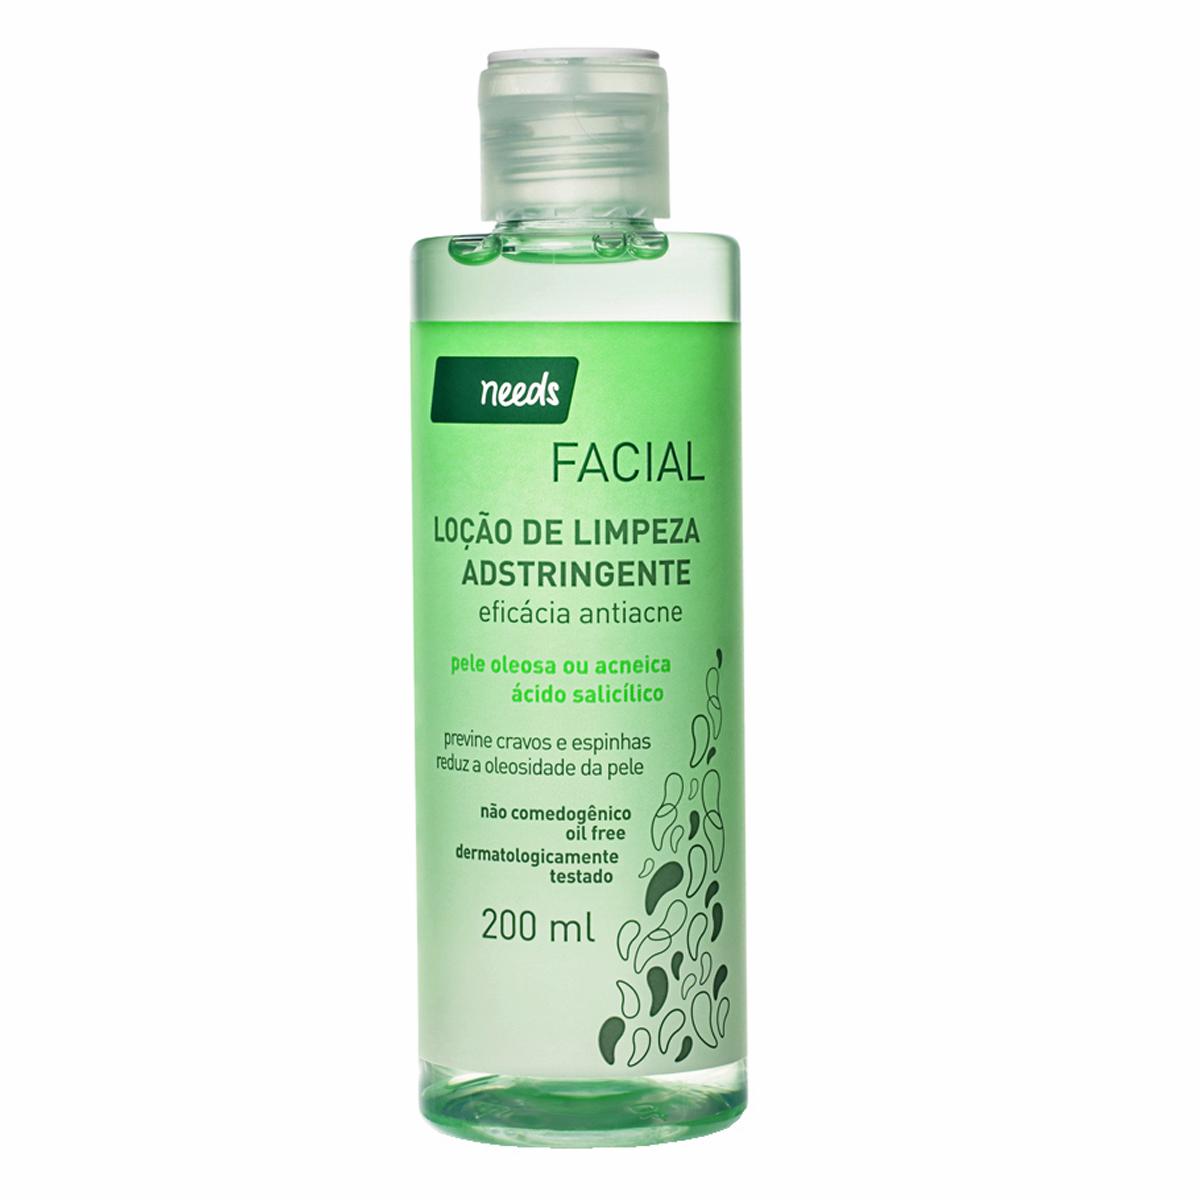 Tônico Facial Adstringente Needs Pele Oleosa e Acneica com 200ml 200ml